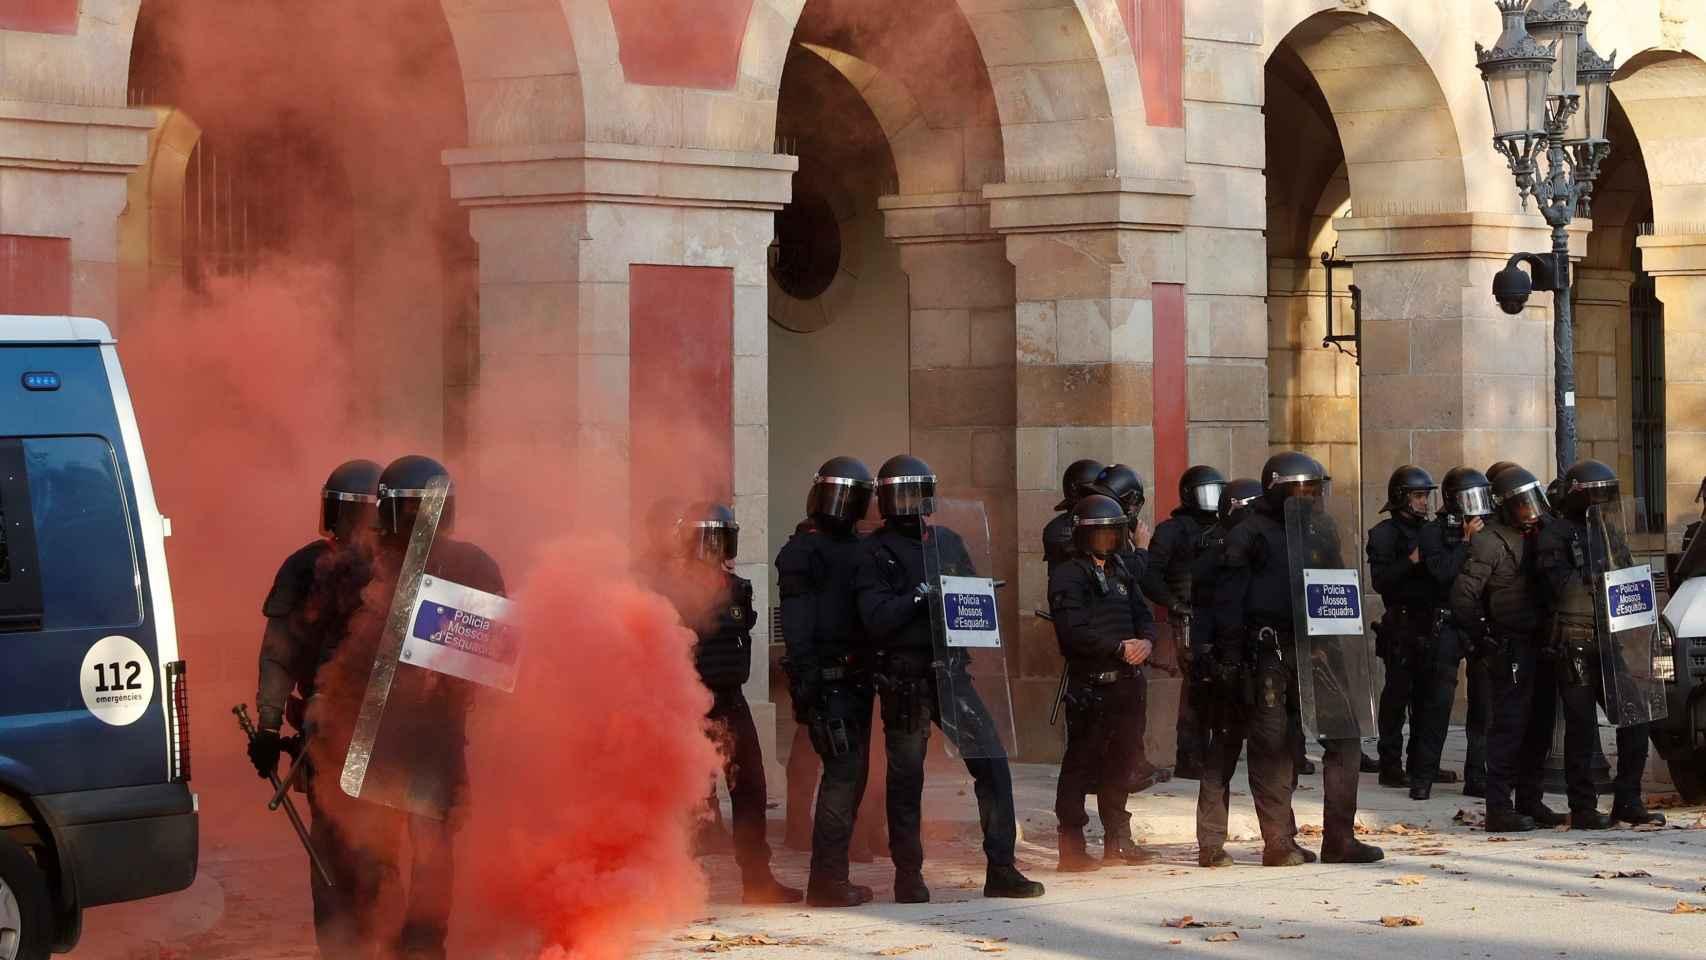 Agentes de los Mossos d'Esquadra a las puertas del Parlament de Catalunya, donde este miércoles un grupo de personas se han manifestado con motivo de la Diada.